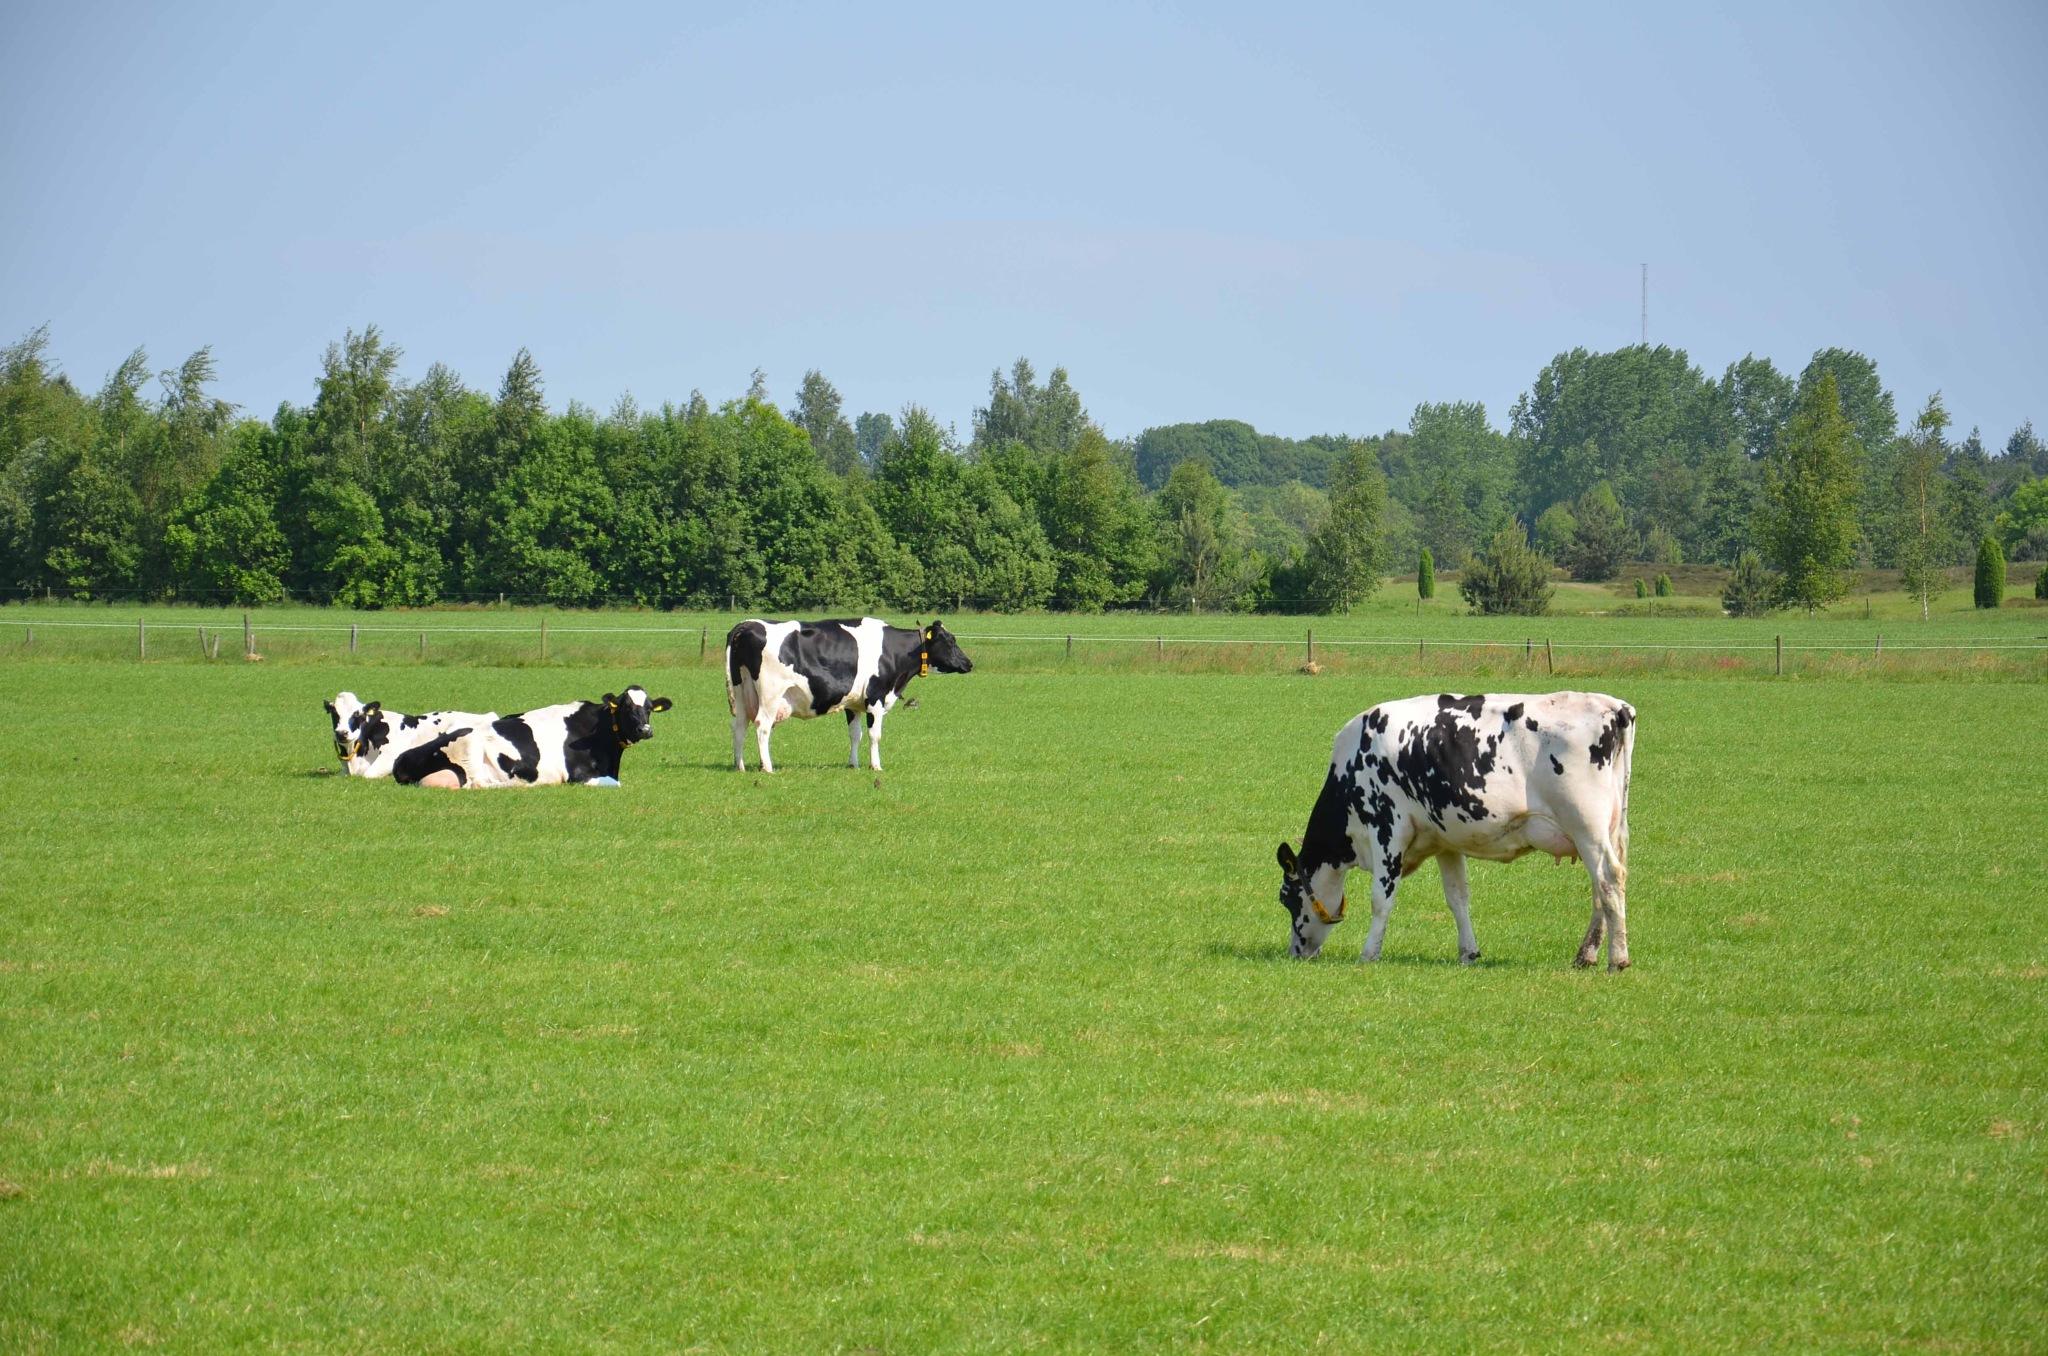 Koeien in het Brabantse landschap by HaWaFoTo